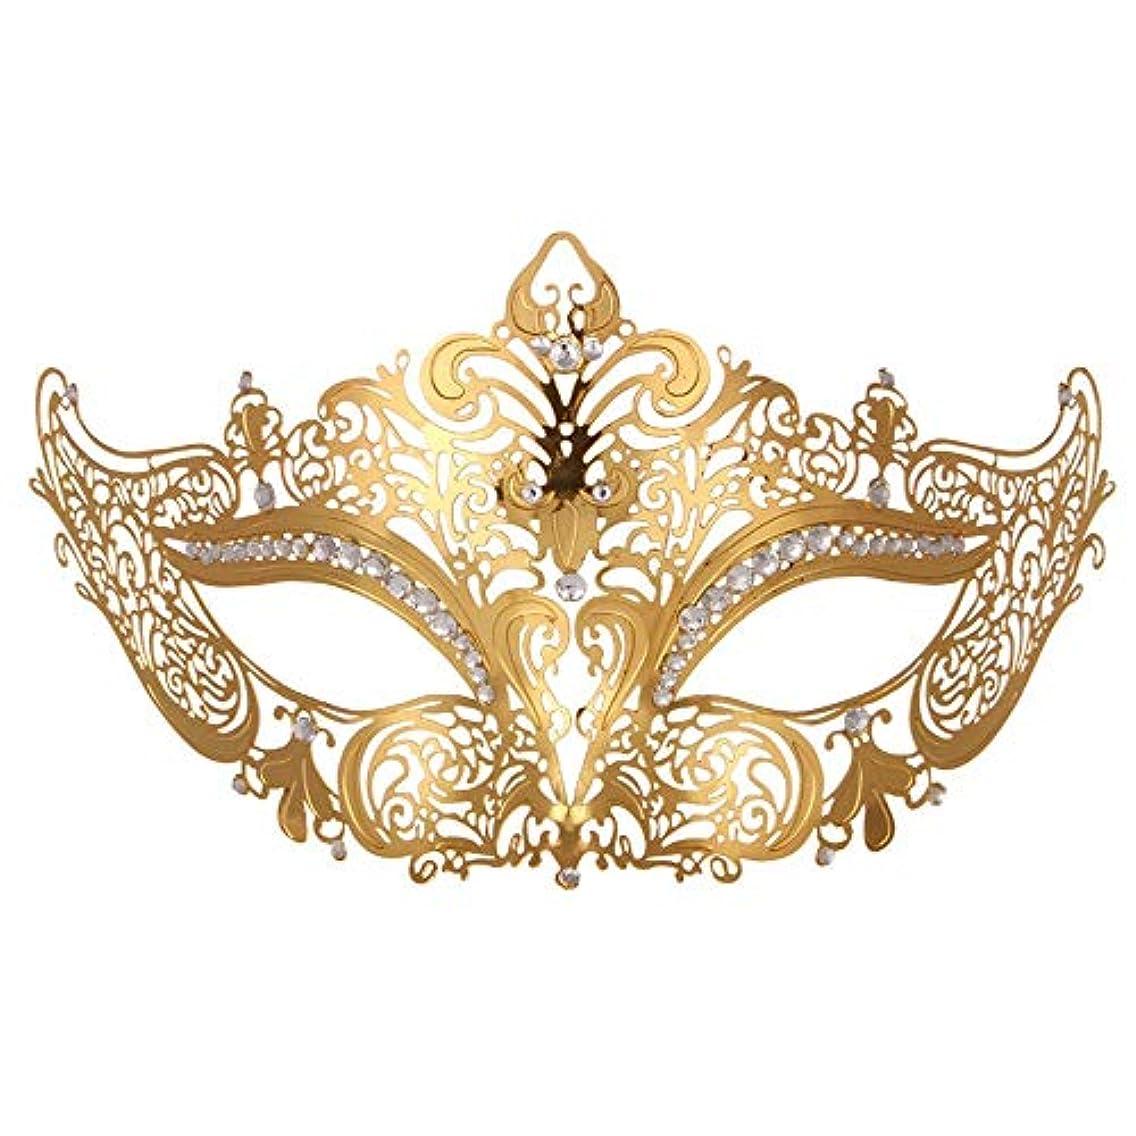 砂の最大の金曜日ダンスマスク 高級金メッキ銀マスク仮装小道具ロールプレイングナイトクラブパーティーマスク ホリデーパーティー用品 (色 : ゴールド, サイズ : Universal)